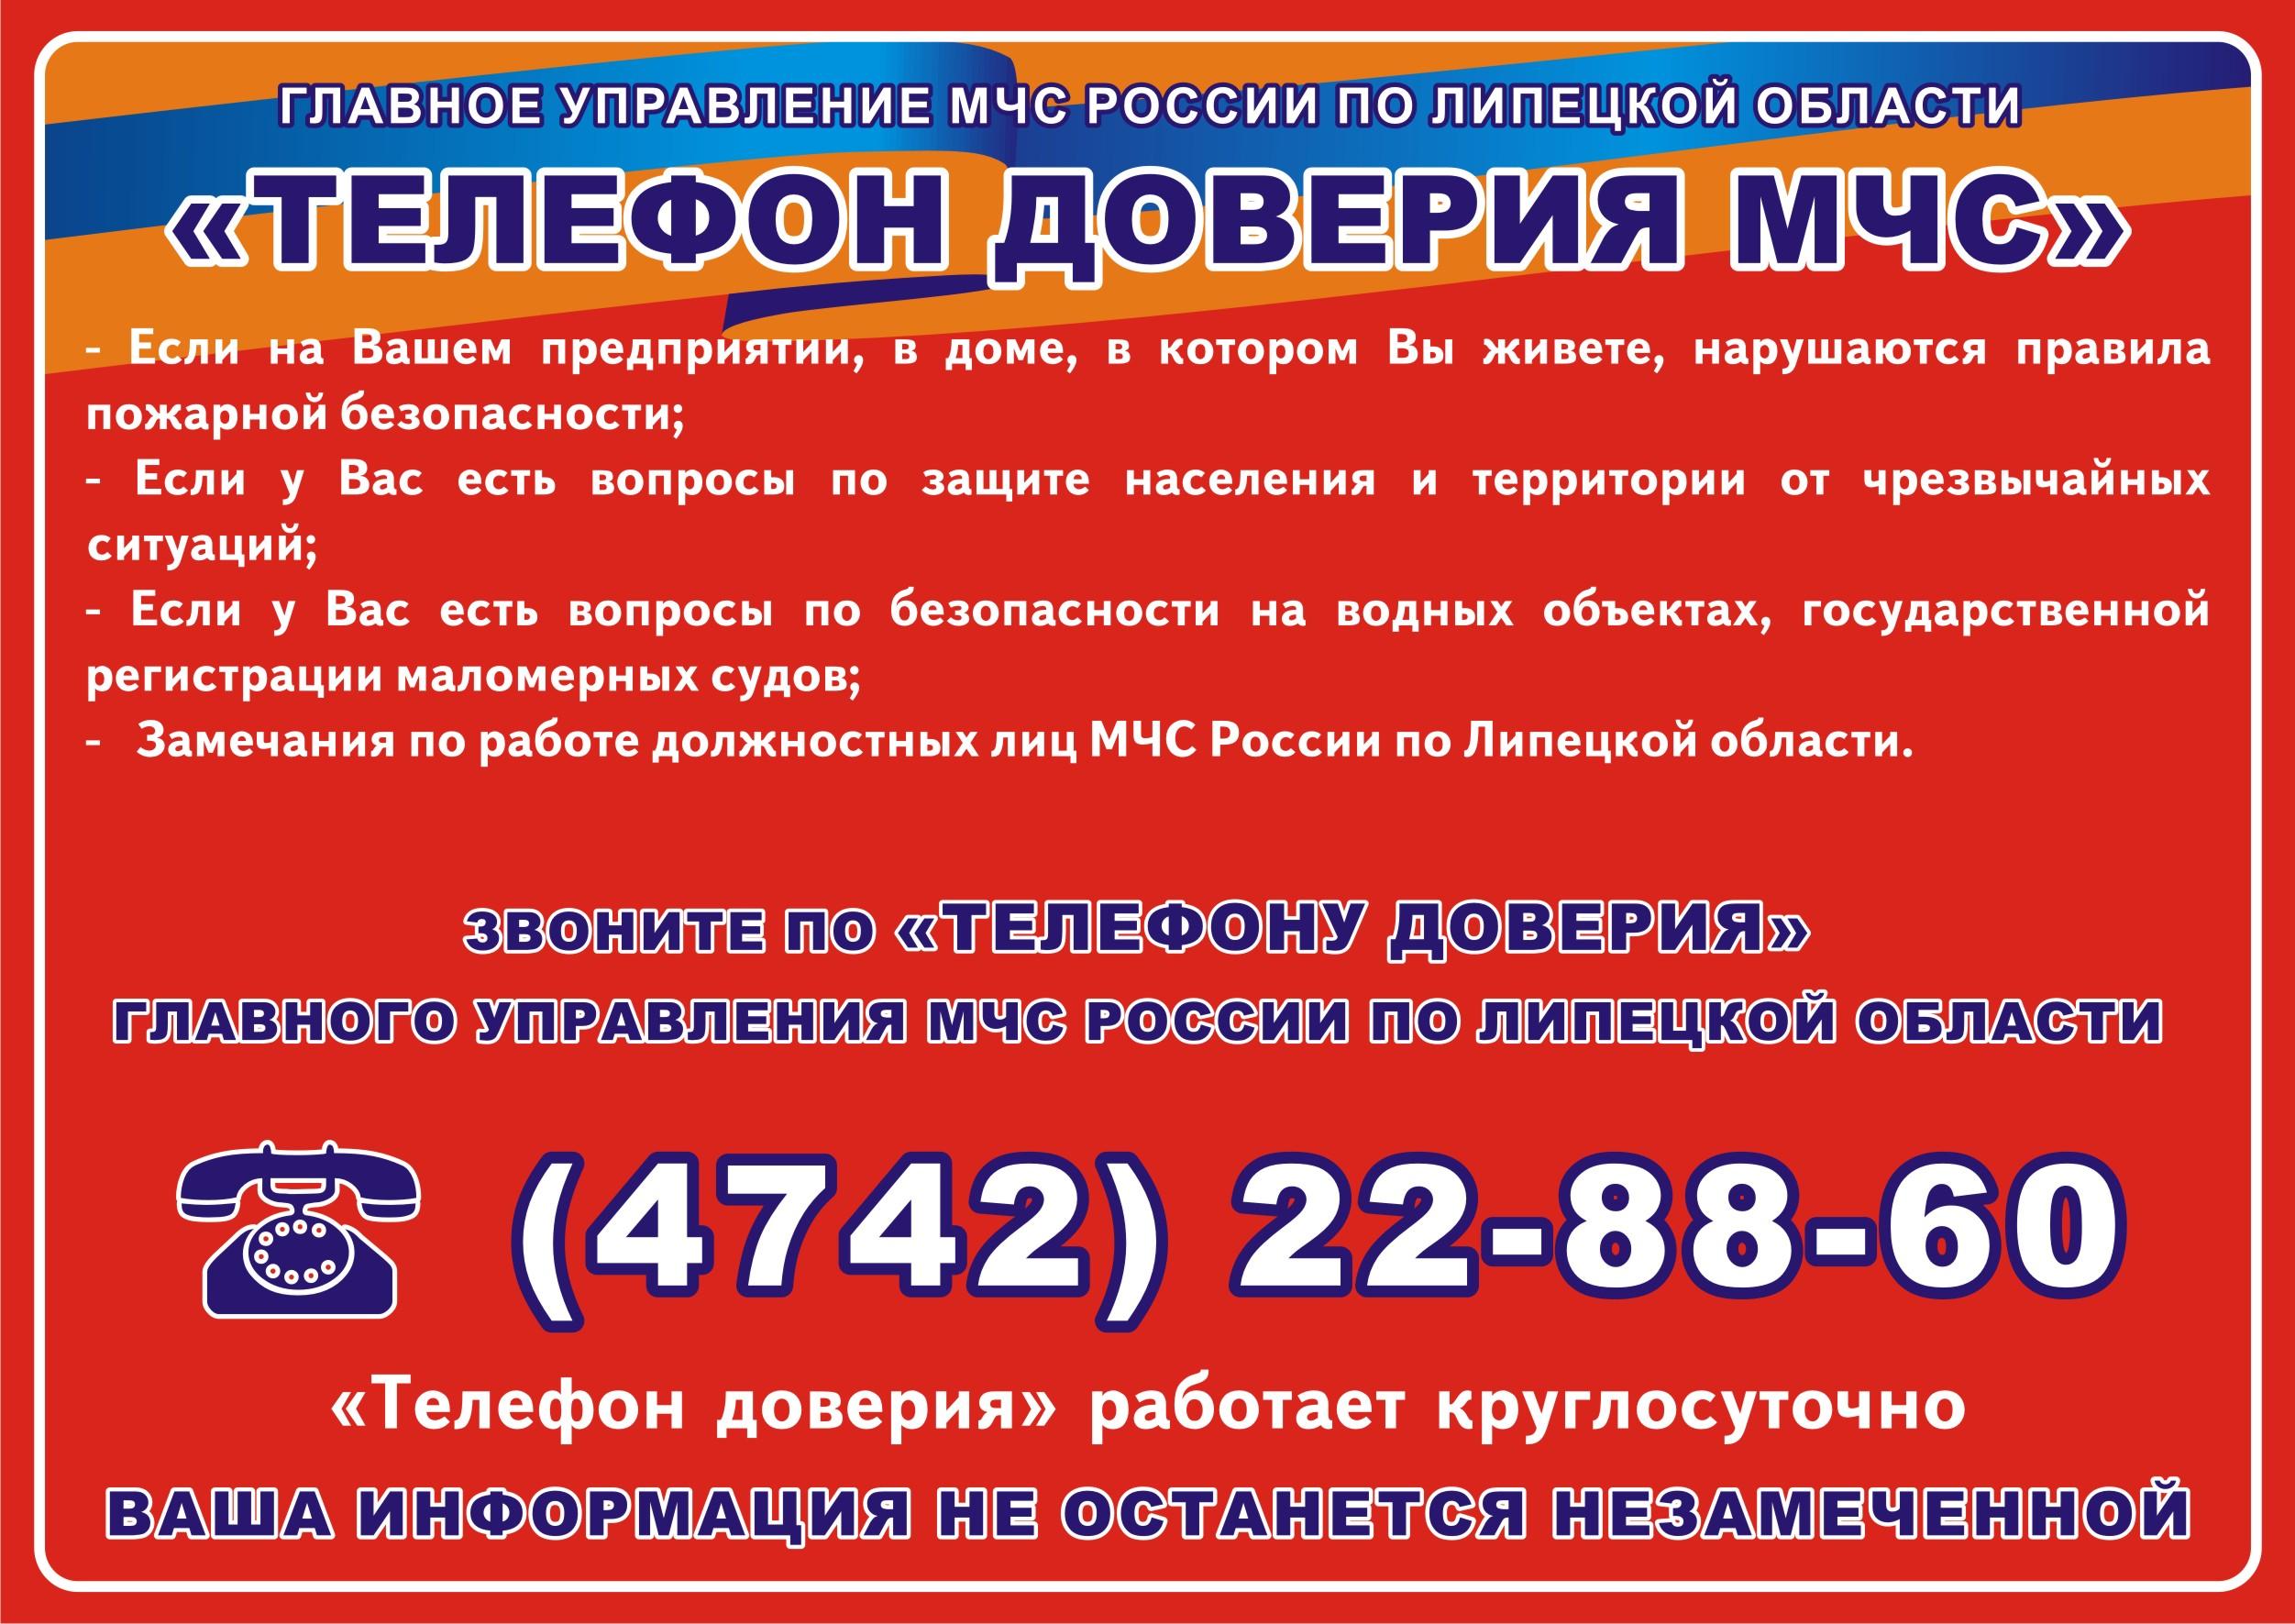 Телефон доверия Главного управления МЧС России по Липецкой области